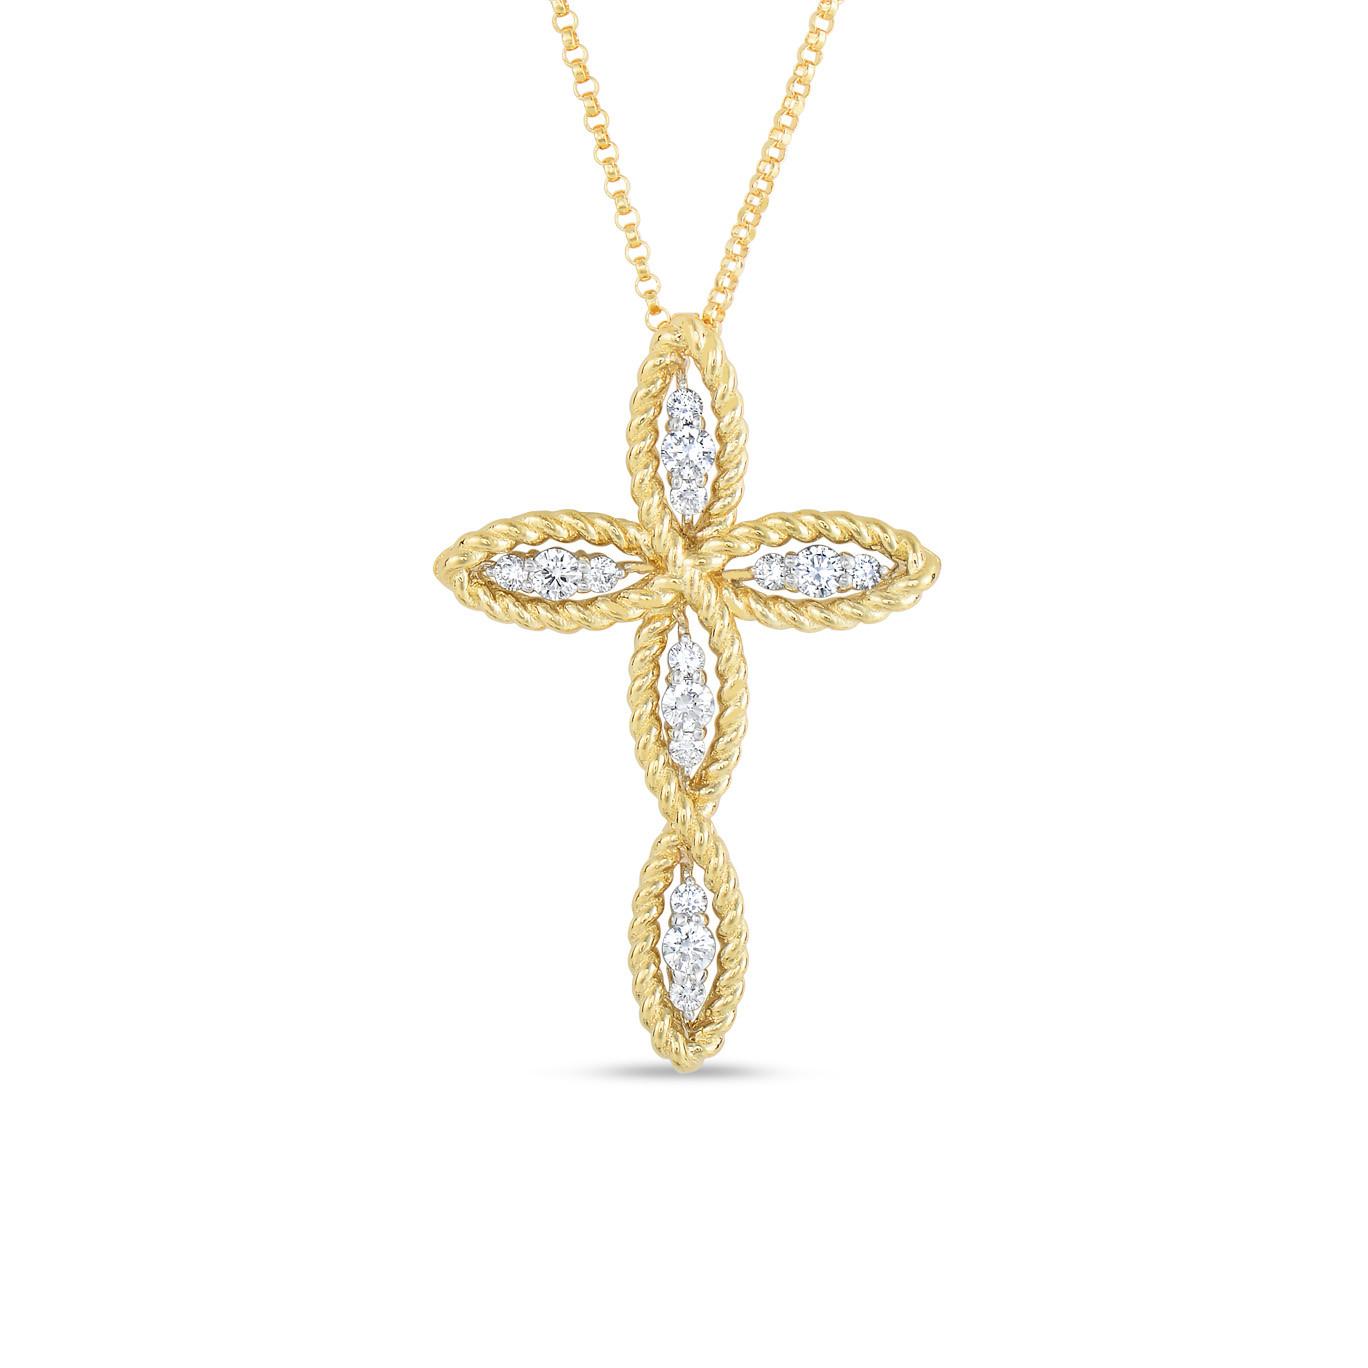 Roberto Coin New Barocco Diamond Cross Necklace